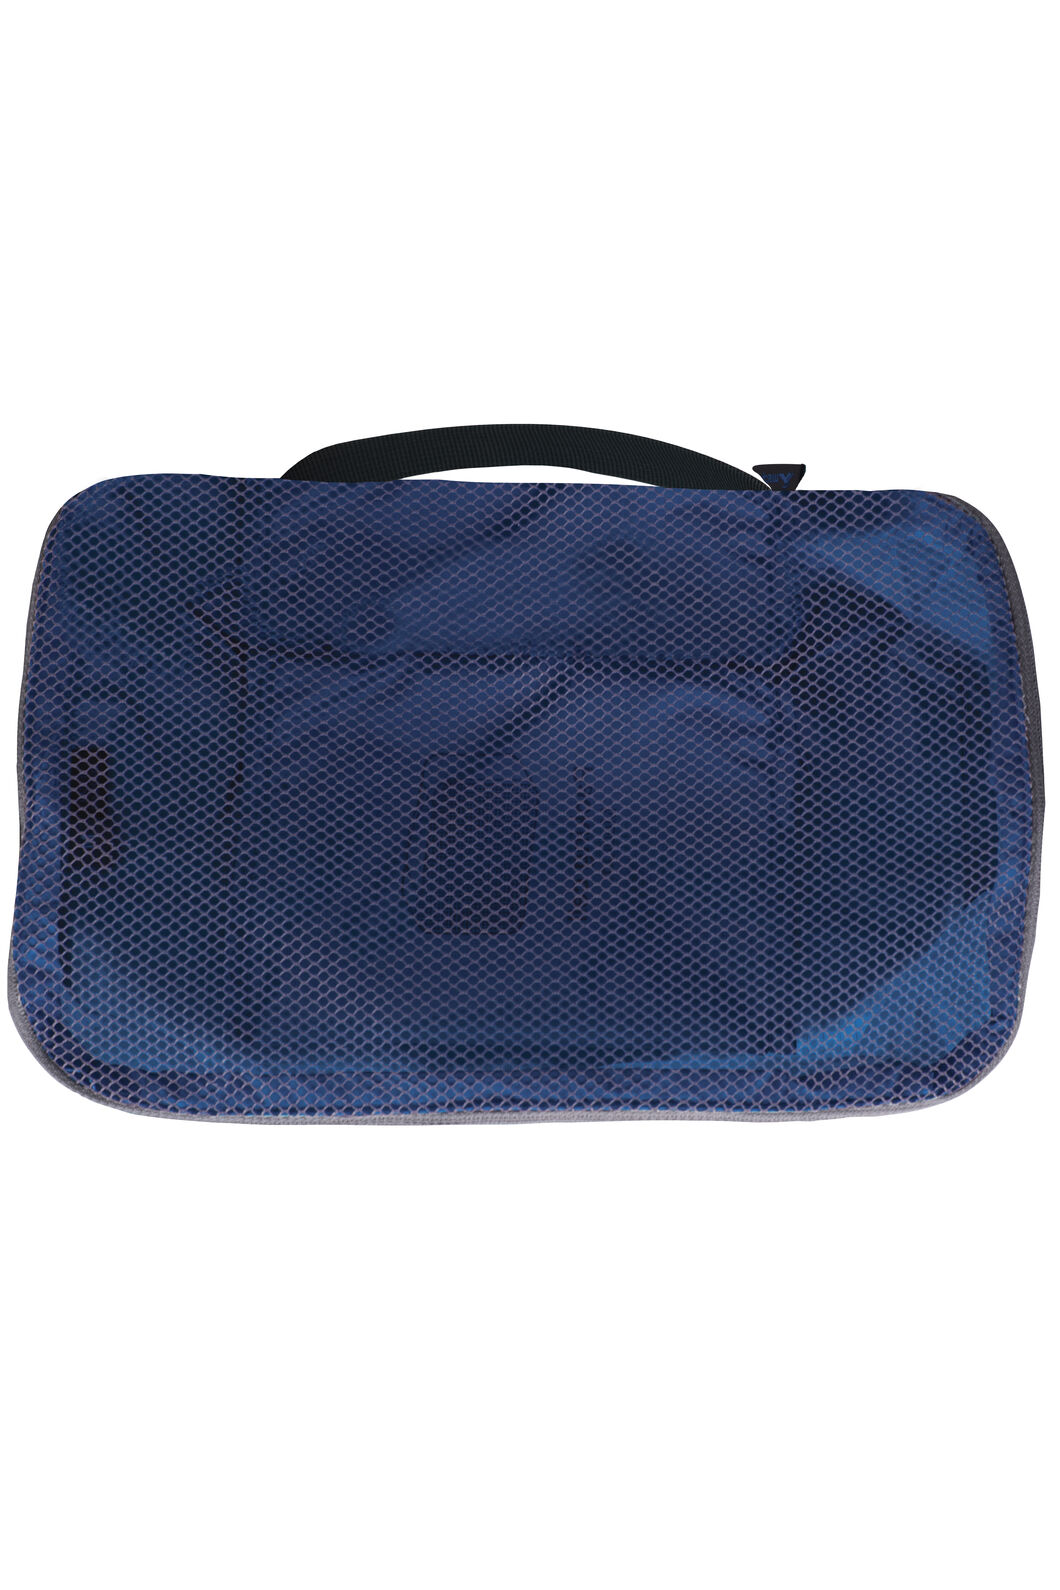 Macpac Large Packing Cell, Mykonos, hi-res